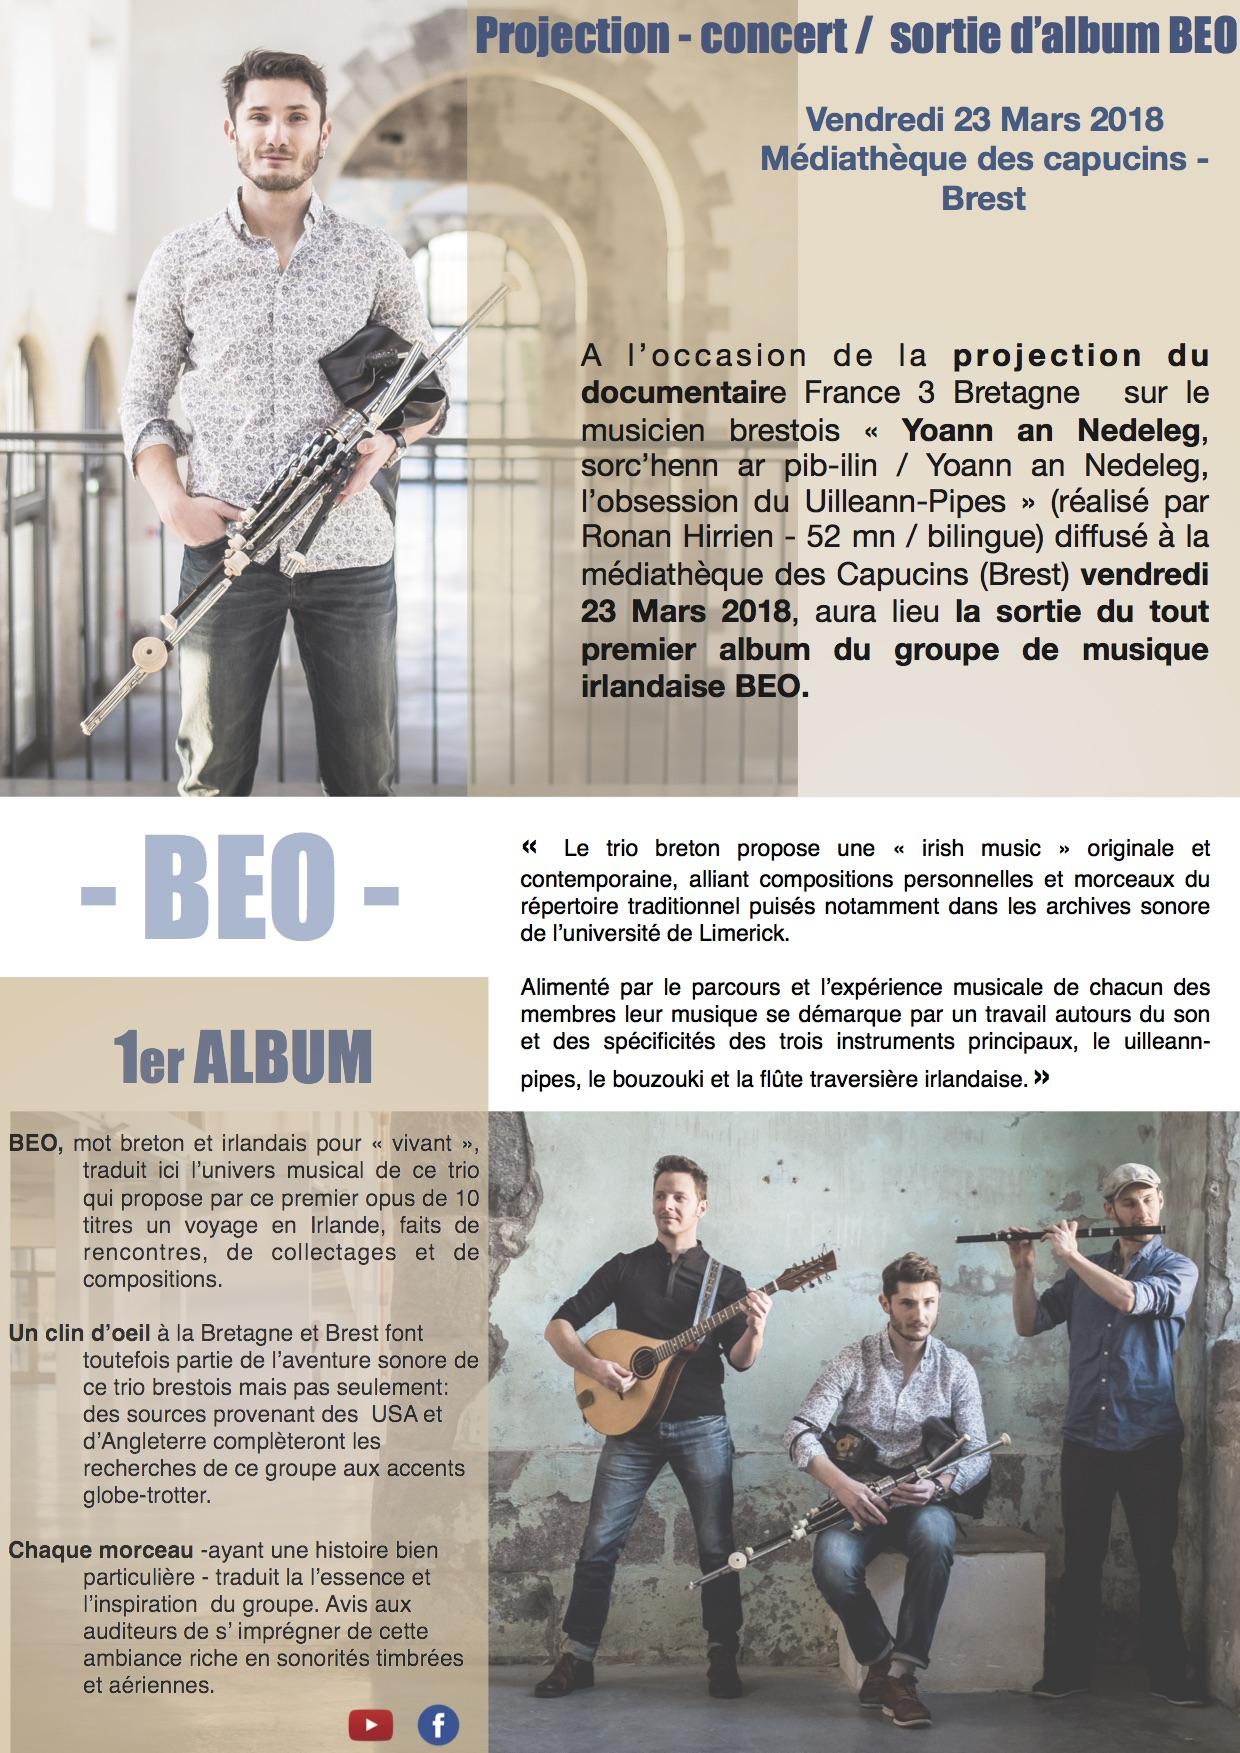 Sortie d'album BEO